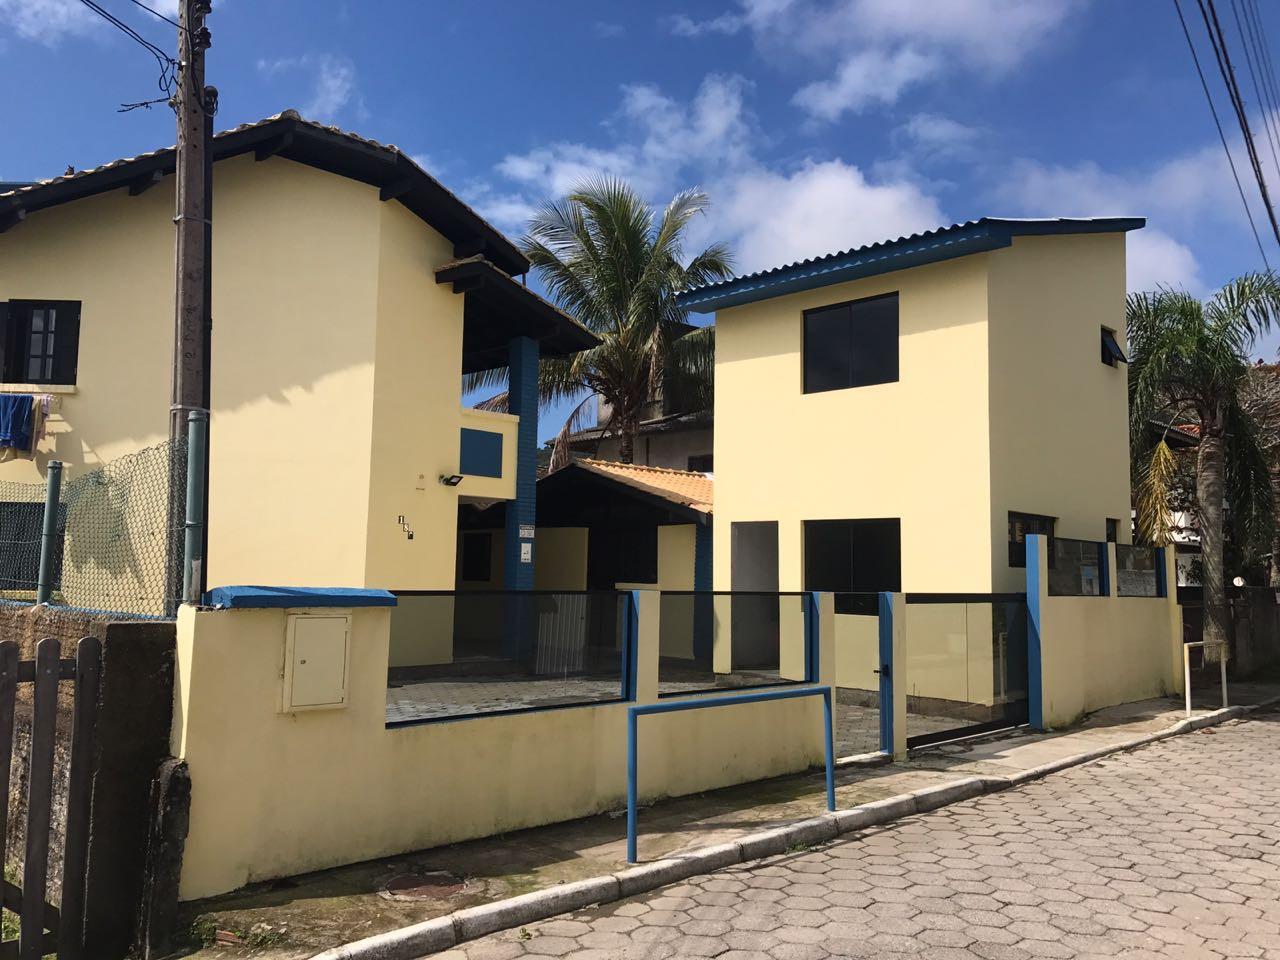 Leilão Simultâneo do Juizado Especial Cível e Criminal da Trindade do Fórum do Norte da Ilha da Comarca de Florianópolis/SC.